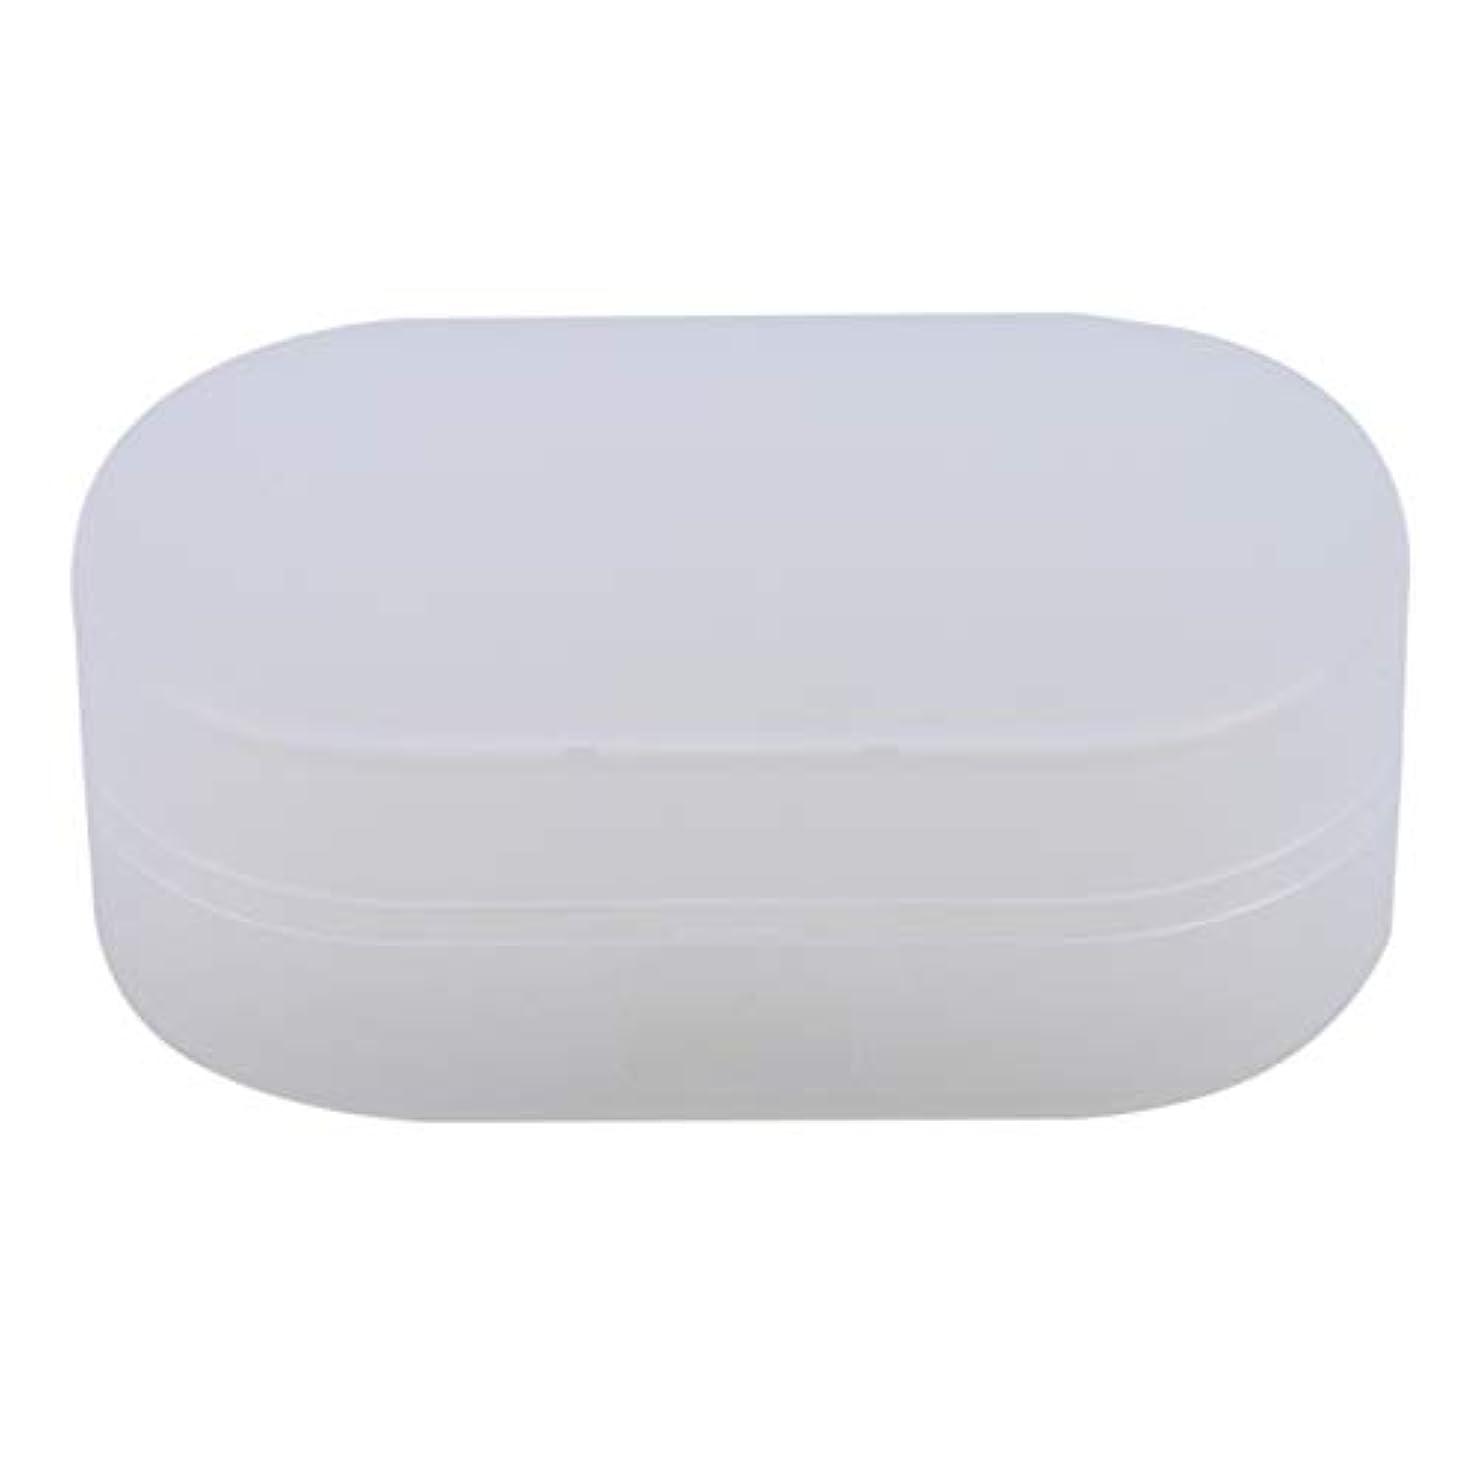 発見解放自動ZALINGソープボックスホルダーソープディッシュソープセーバーケースコンテナ用バスルームキャンプホワイト